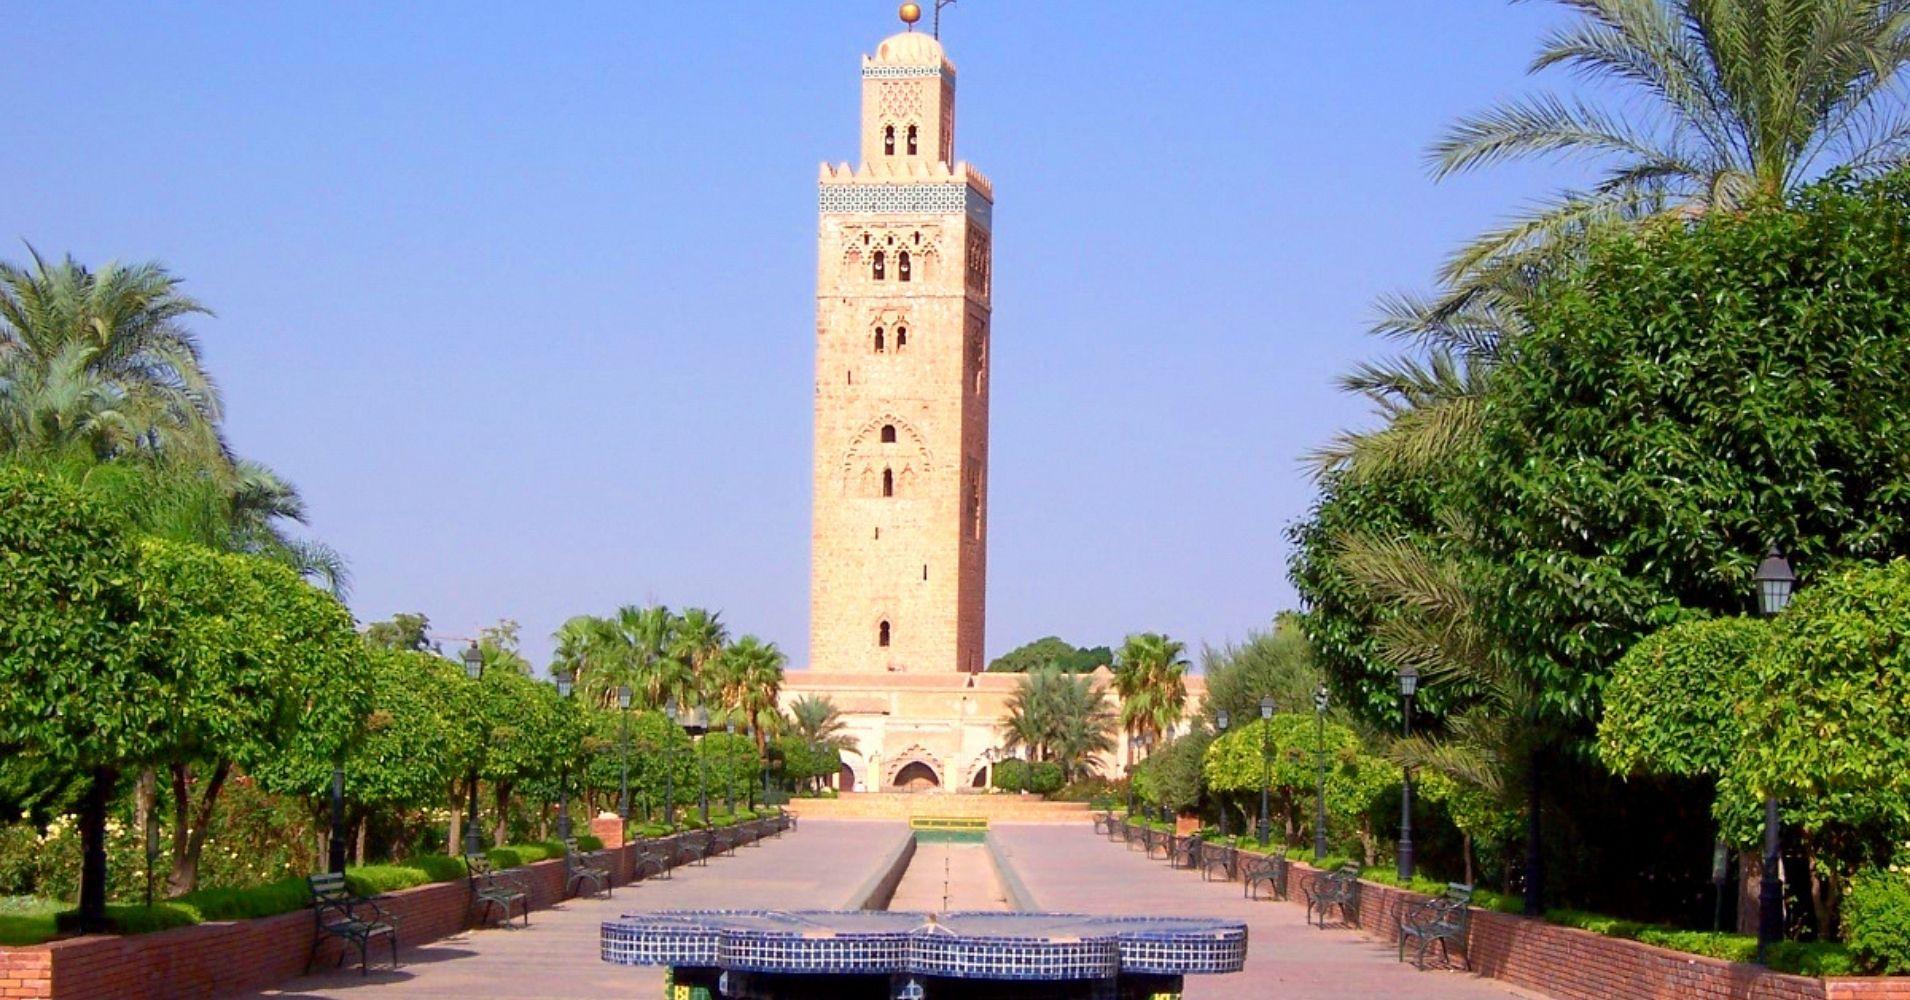 Paseando por la Mezquita de la Koutoubia. Marrakech, Marruecos.